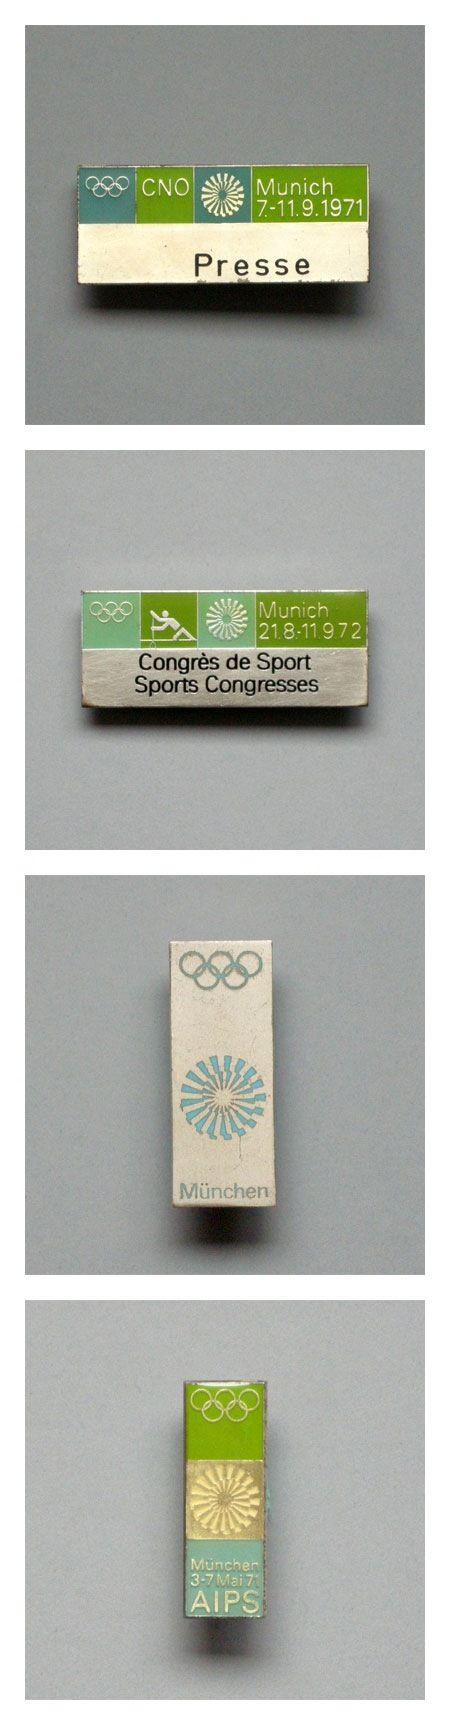 1972 Olympische Sommerspiele München, München 72, Deutsches grafikdesign, aesthetics, branding, german design, environmental graphics, graphic design, graphic identity, iconography, signage, wayfinding, Otl Aicher